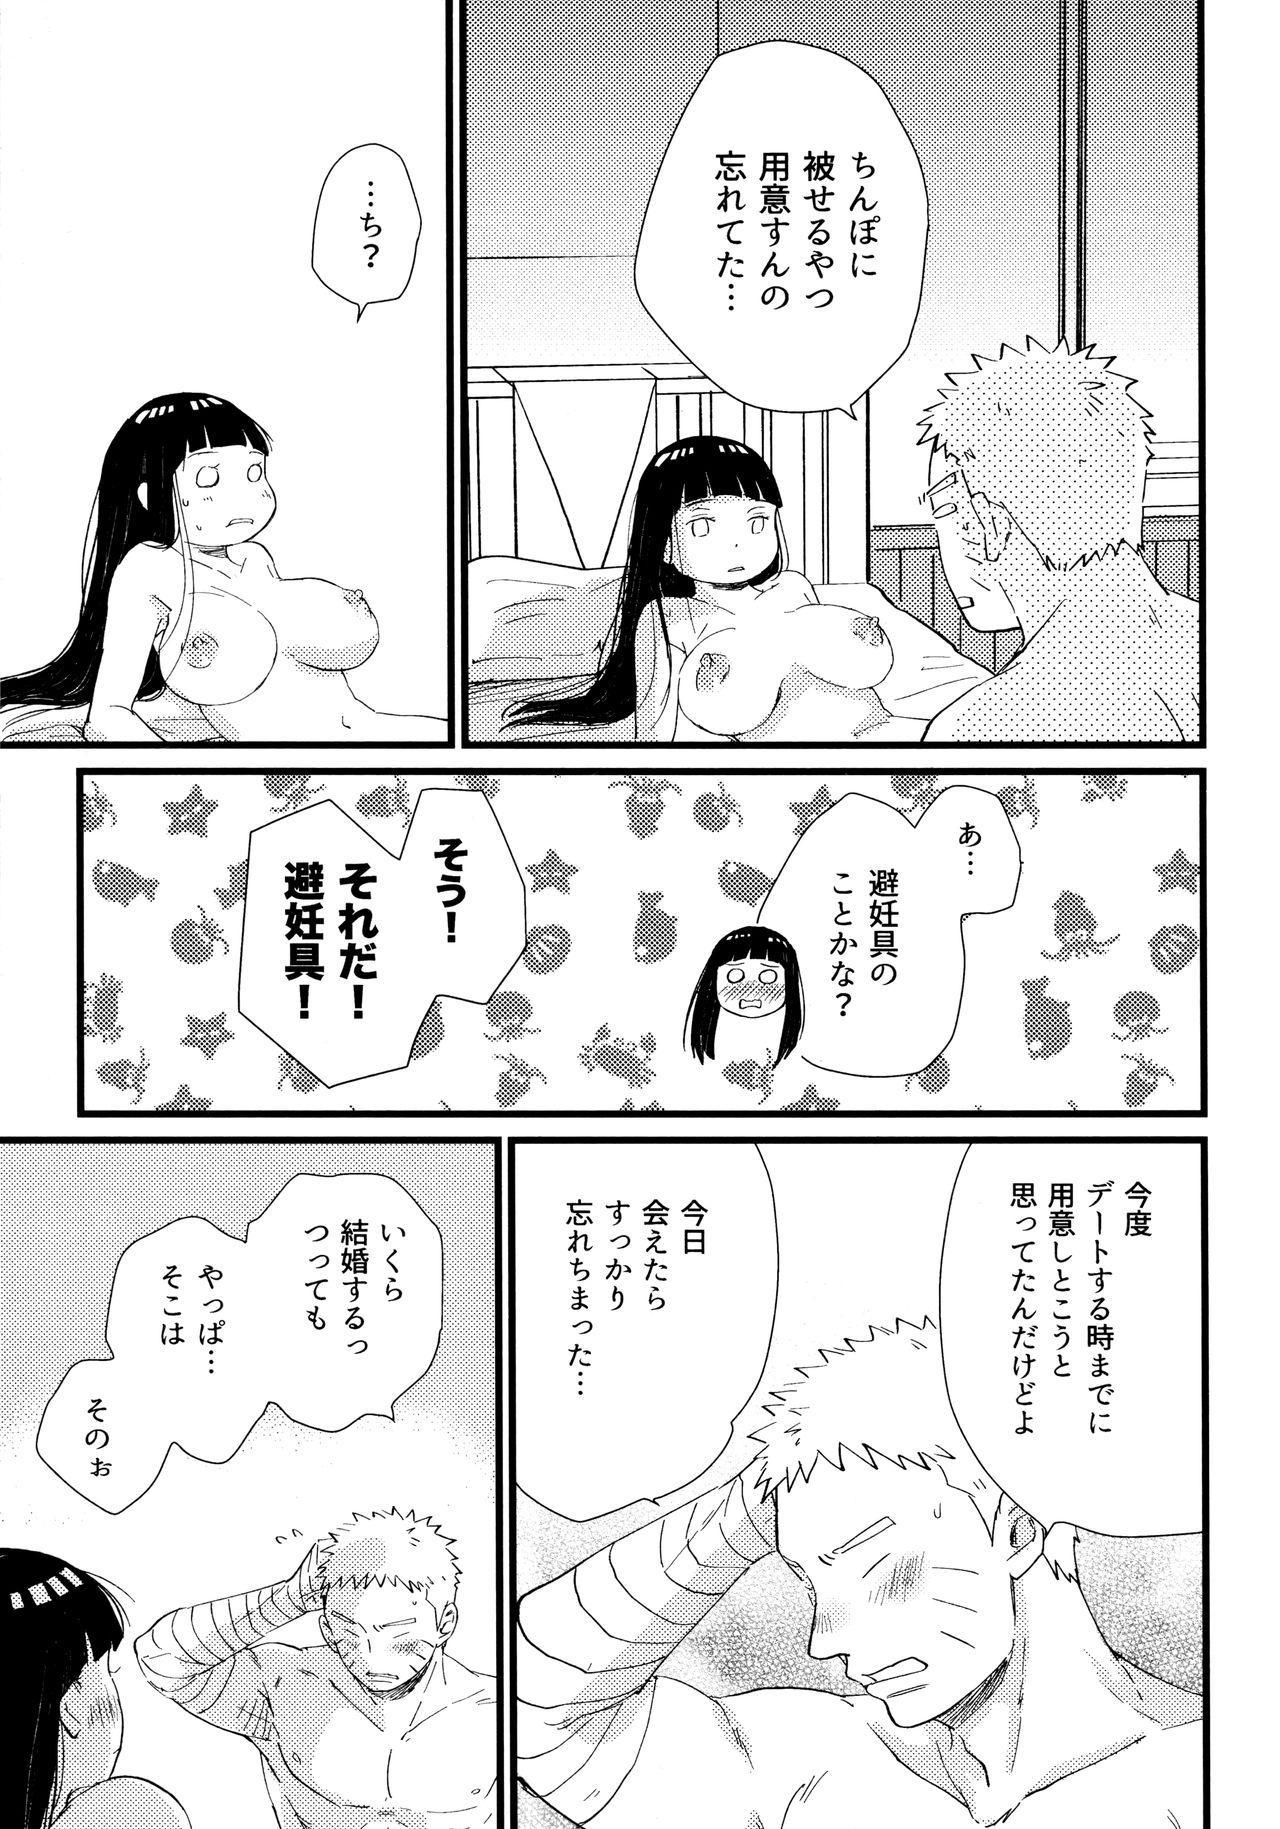 Koiwo Shiteiru Karada 1 + 2 64